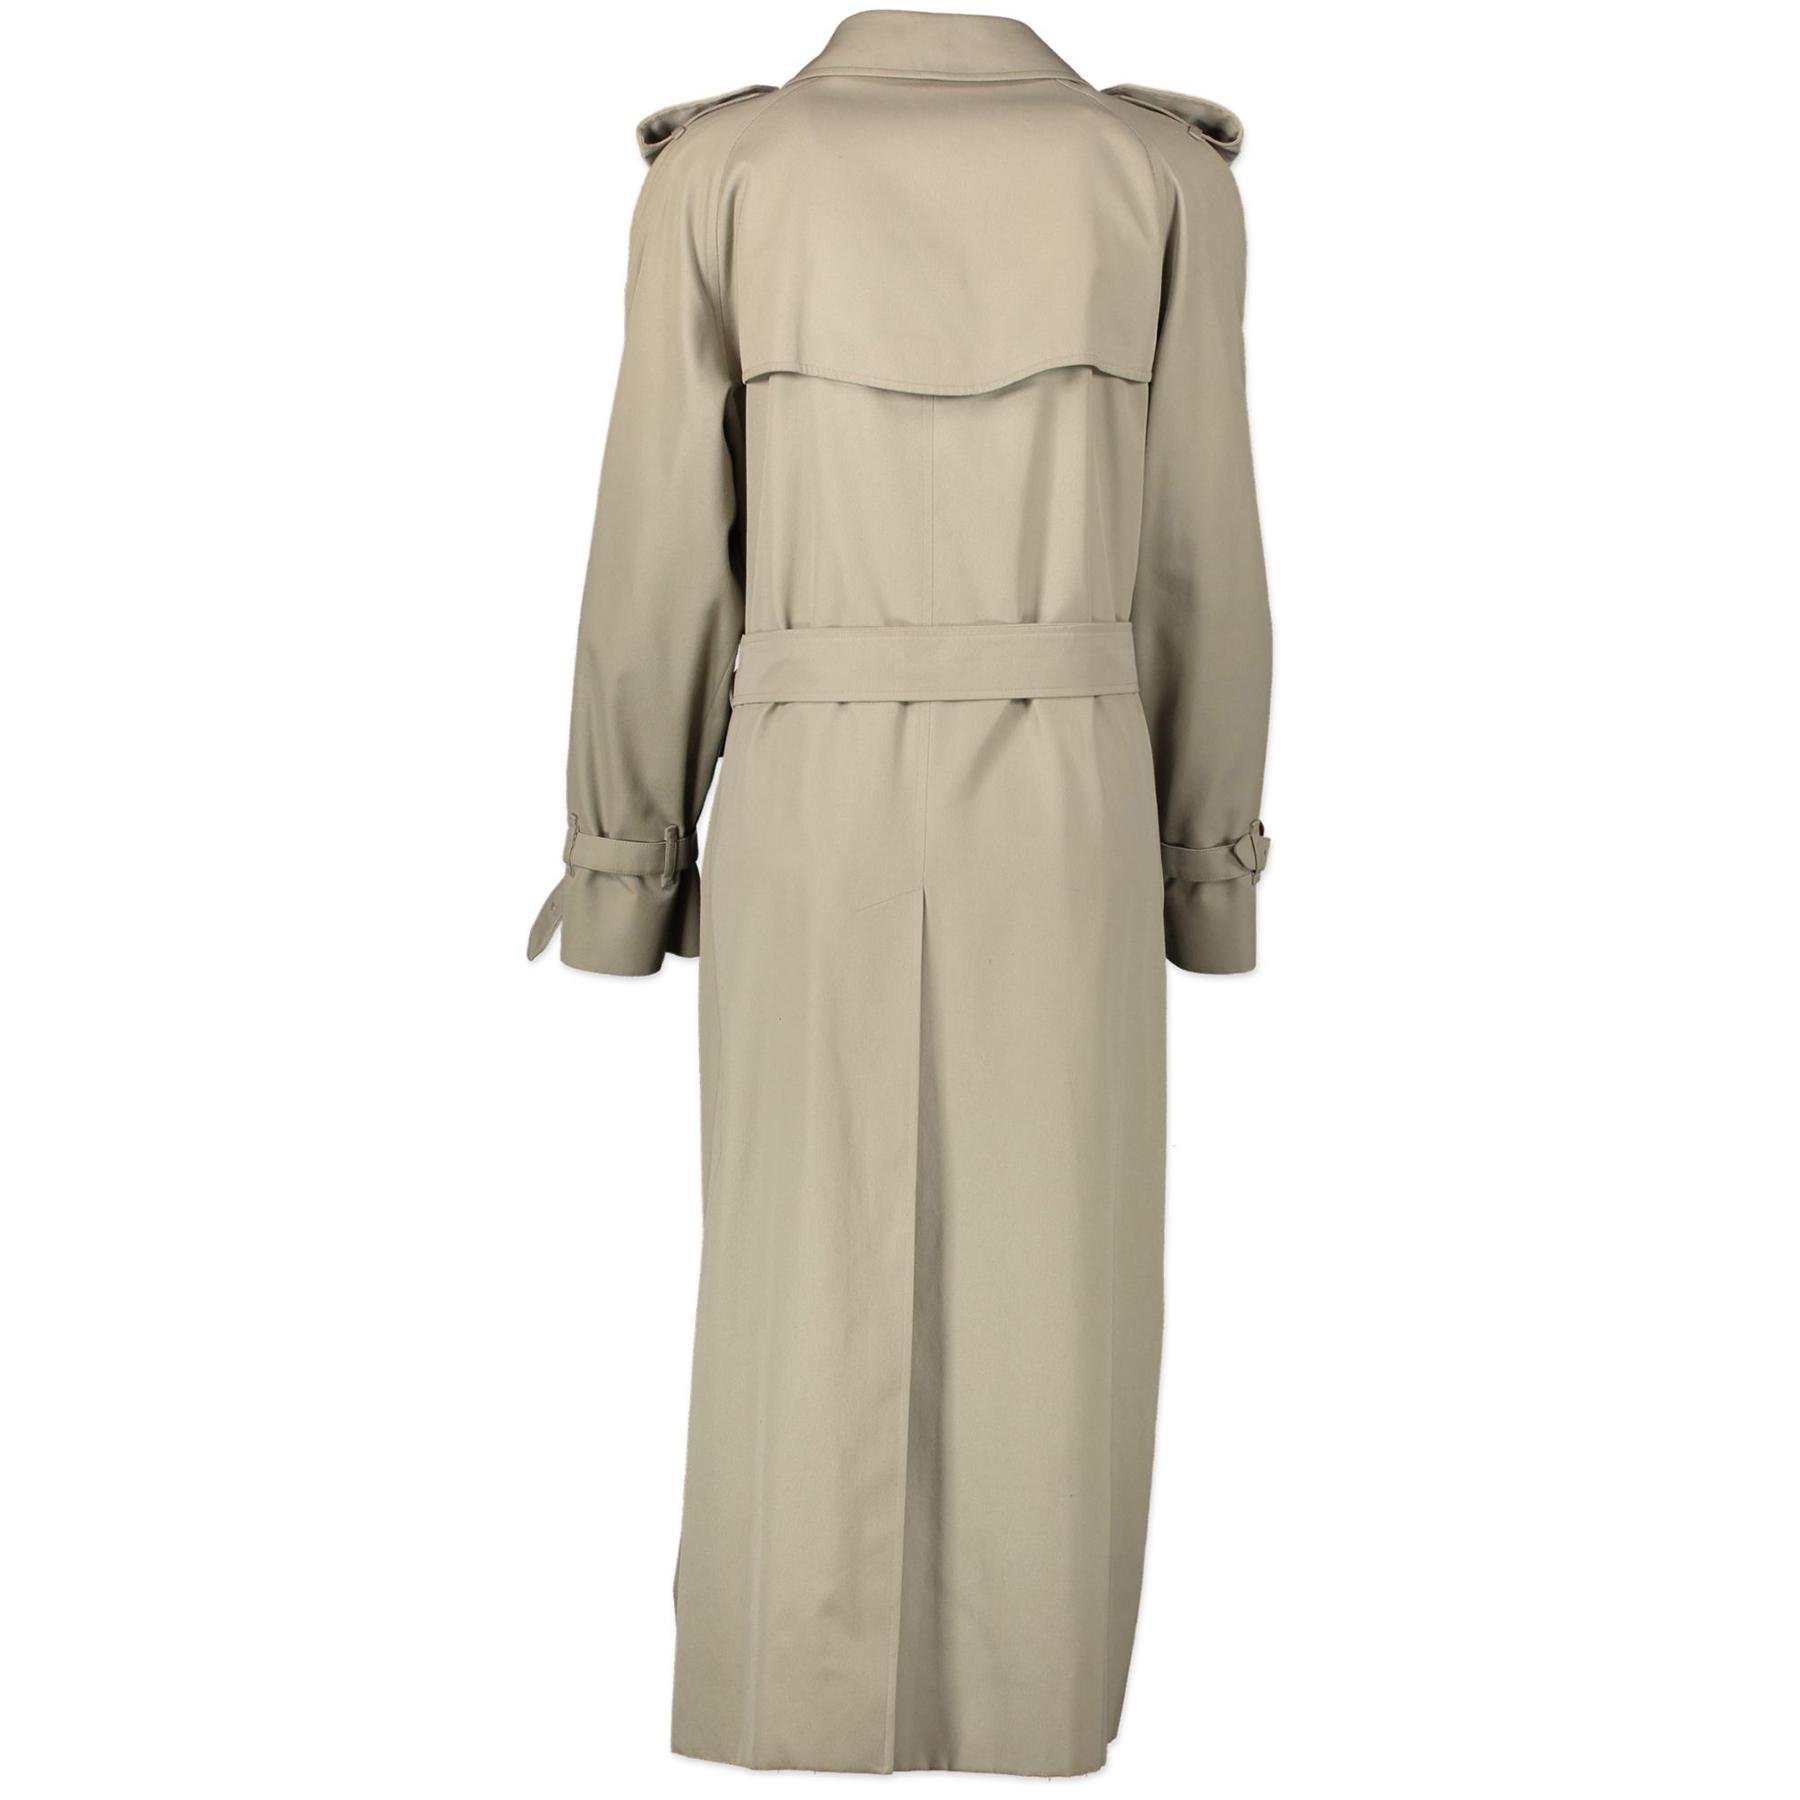 Authentieke Tweedehands Burberry Beige Trench Coat - Size UK12 juiste prijs veilig online shoppen luxe merken webshop winkelen Antwerpen België mode fashion